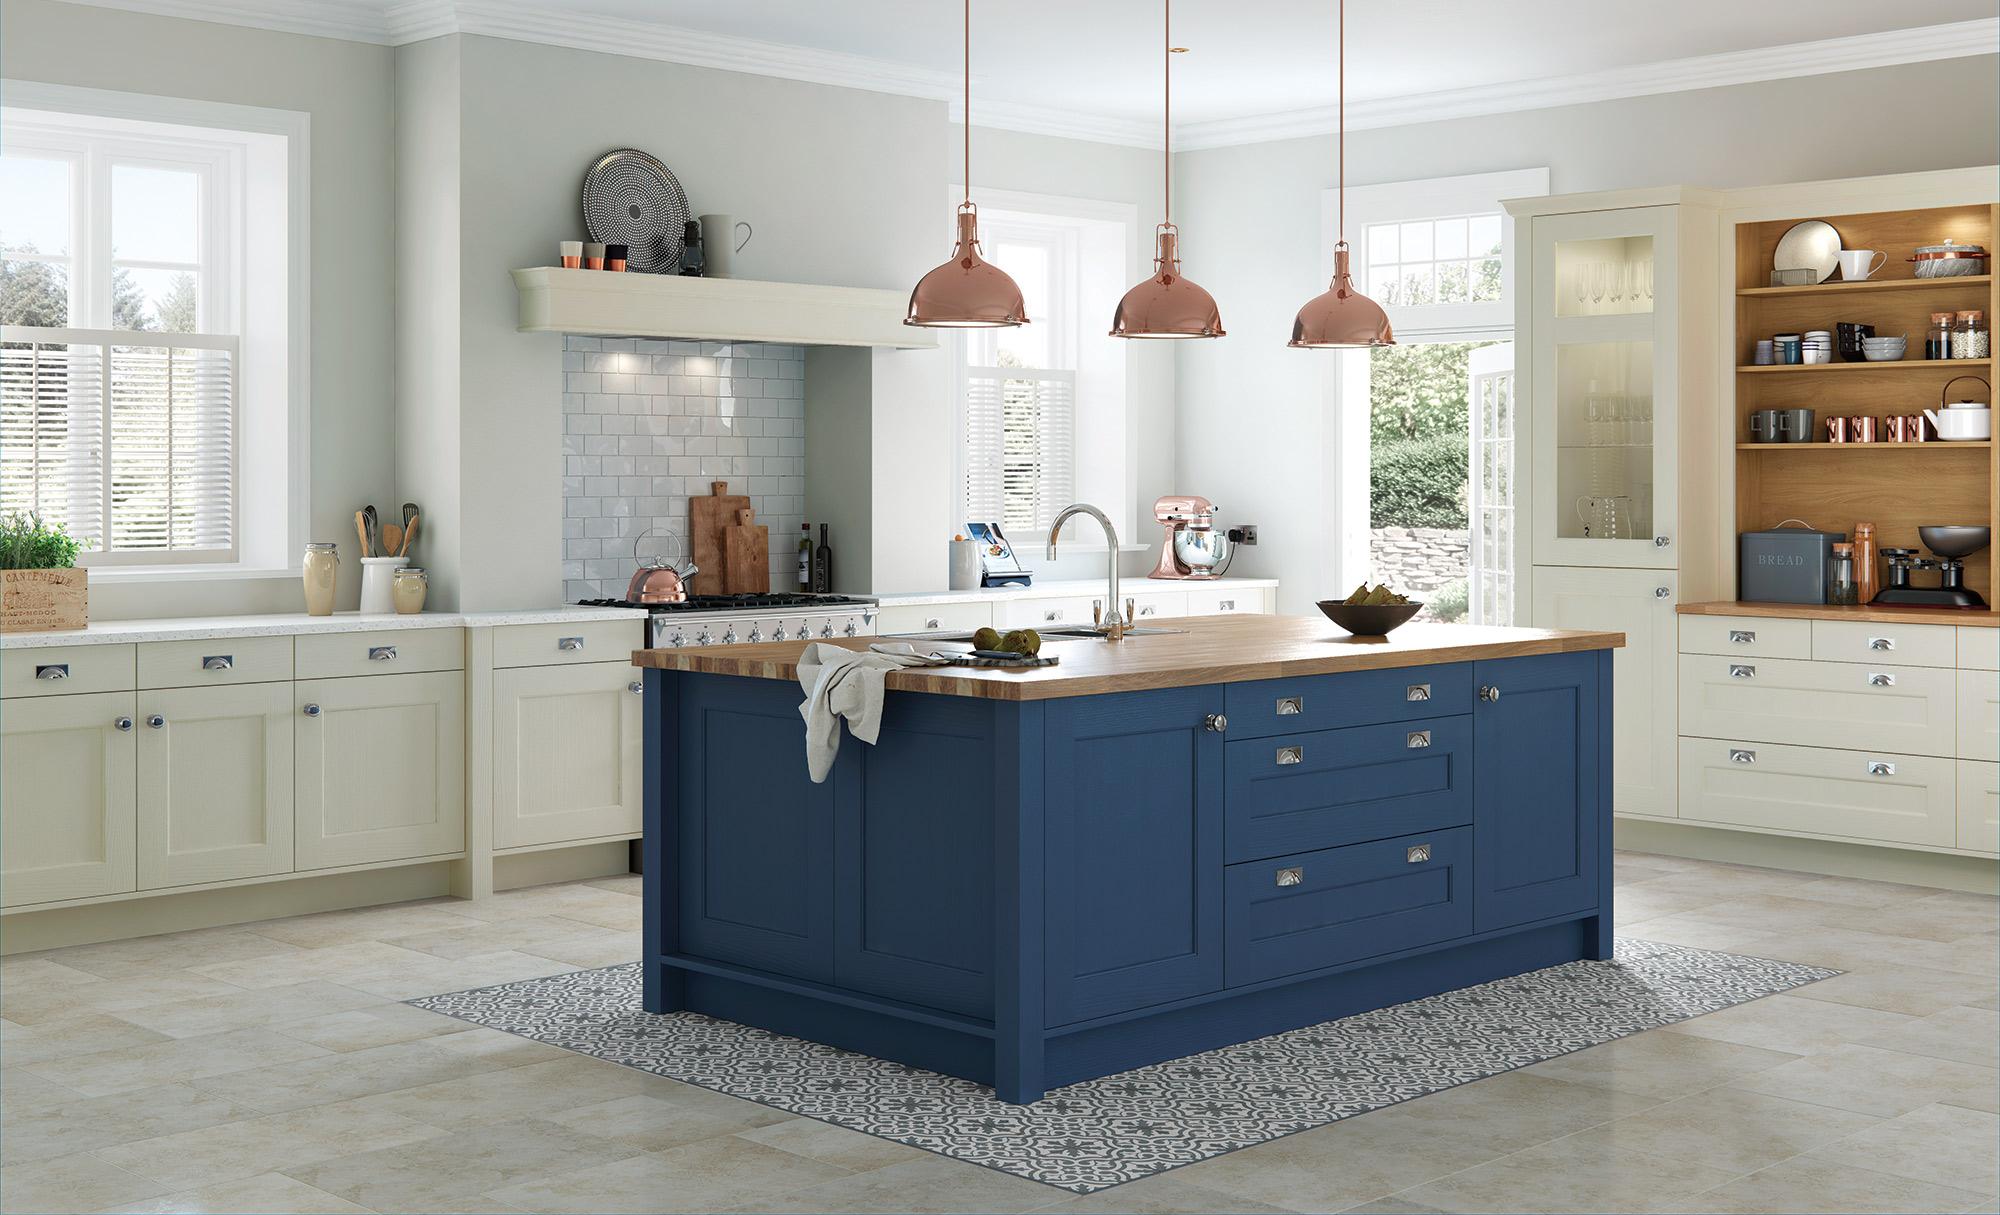 Photo credit: Kitchen stori